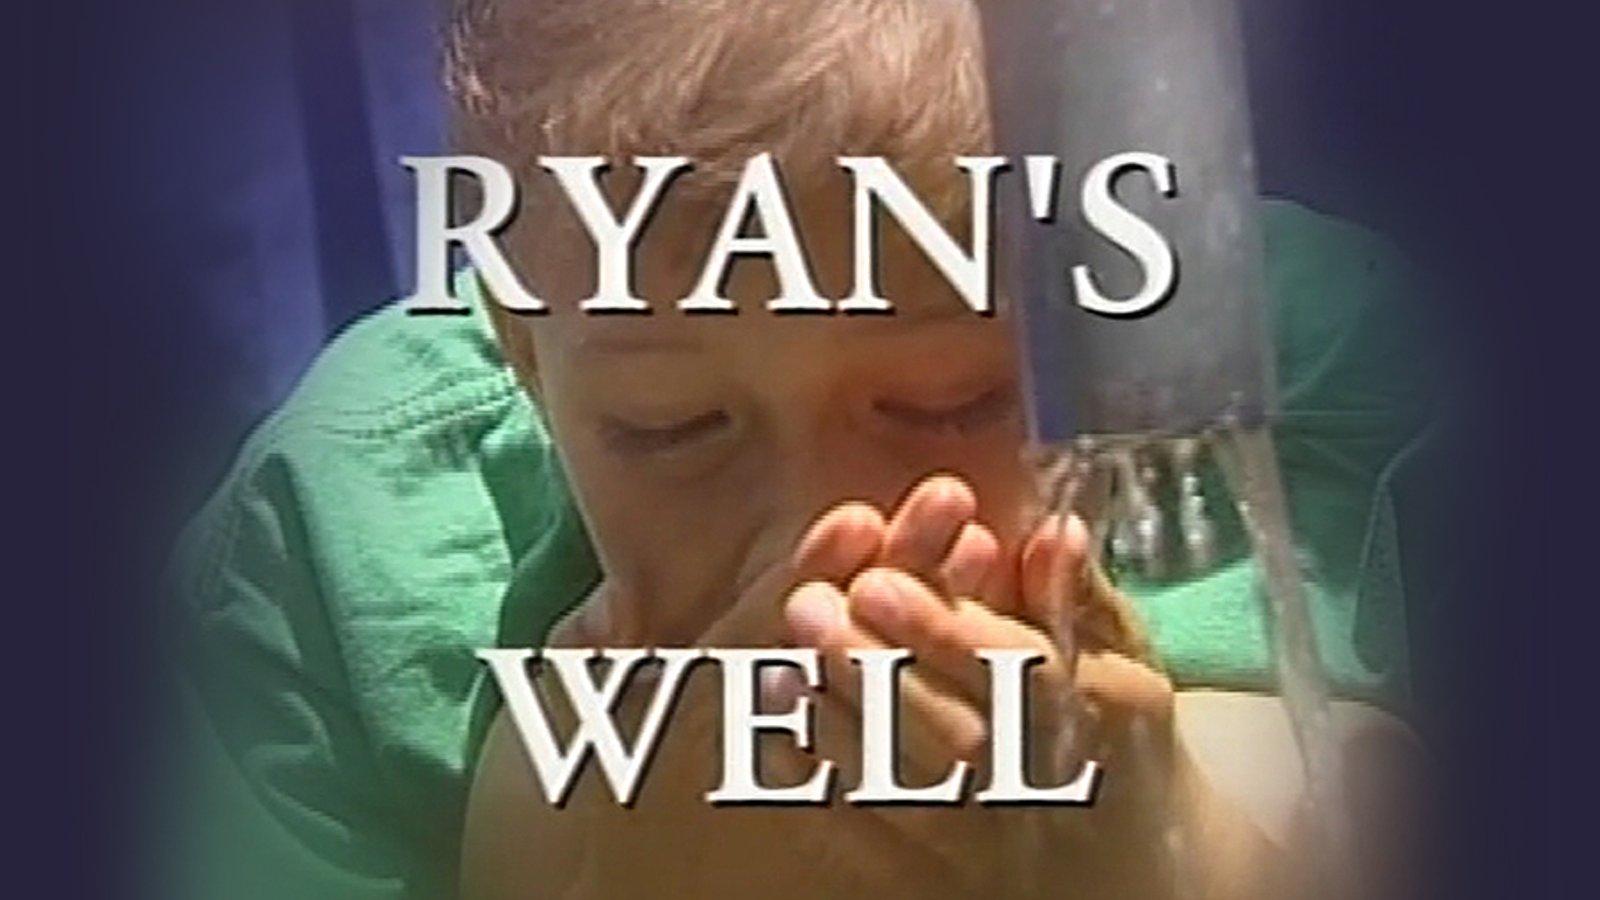 Ryan's Well